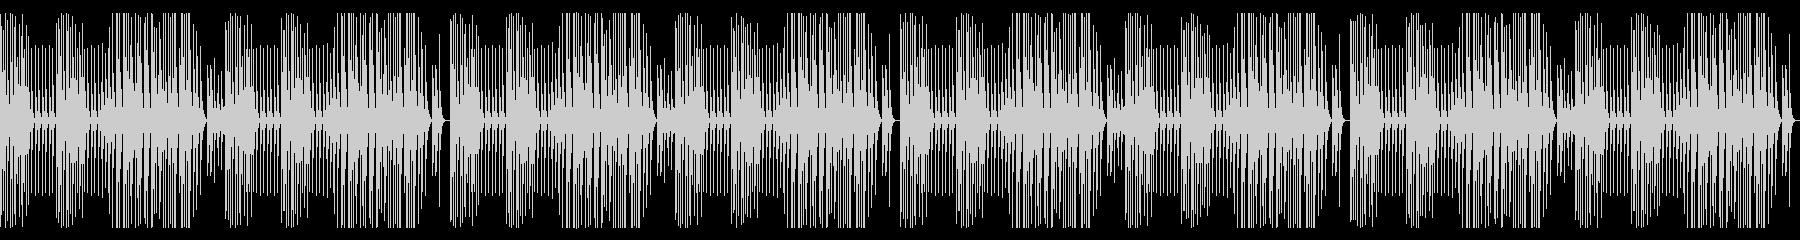 ほのぼの 日常 配信 カリンバの未再生の波形